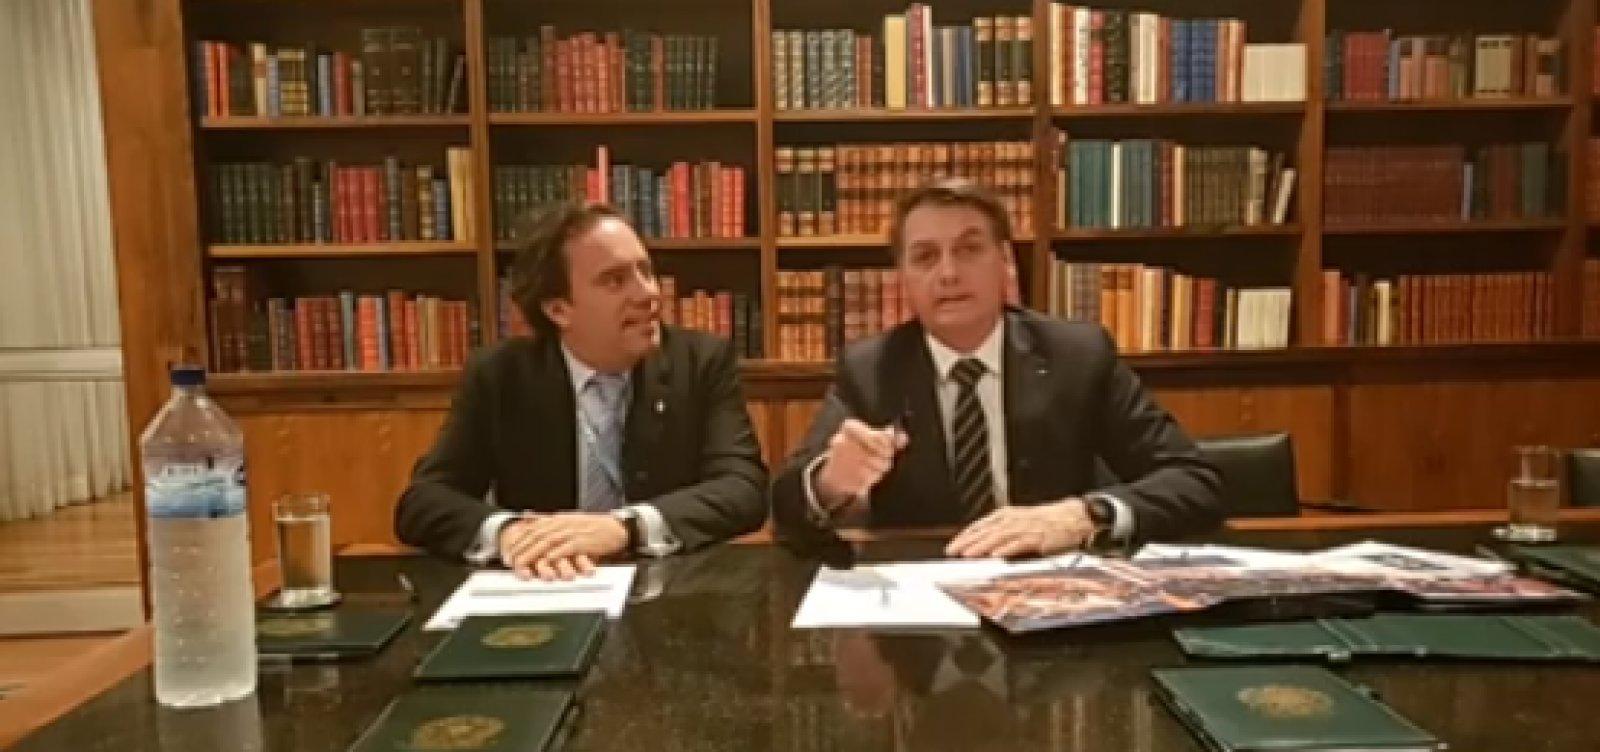 Bolsonaro comenta realização do Enem sem menção à ditadura: 'nunca houve'